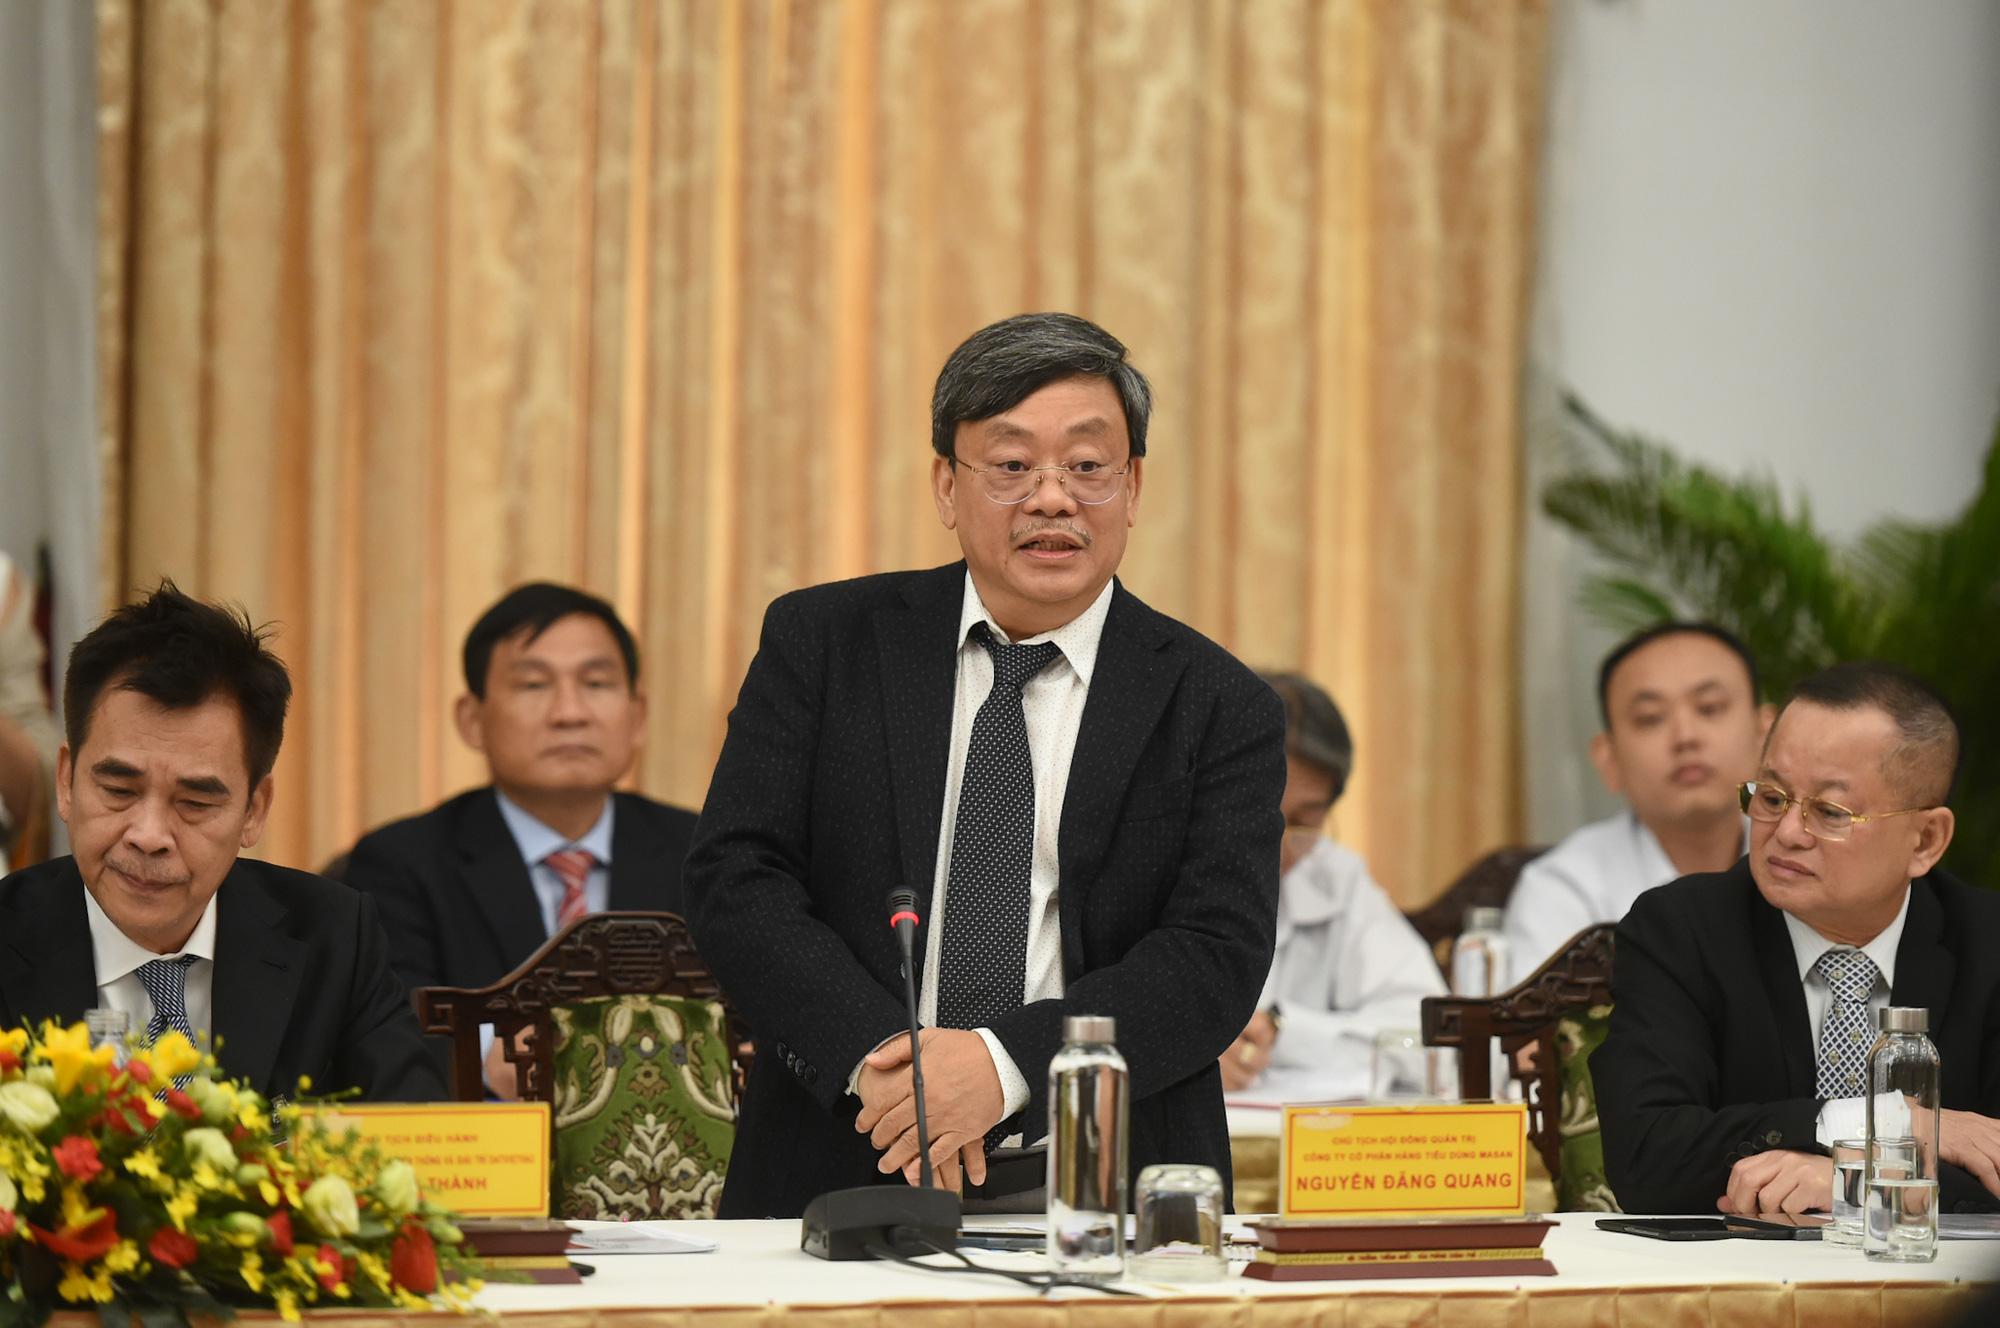 Đối thoại 2045: Tỷ phú Nguyễn Thị Phương Thảo, Nguyễn Đăng Quang kiến nghị gì với Thủ tướng? - Ảnh 3.